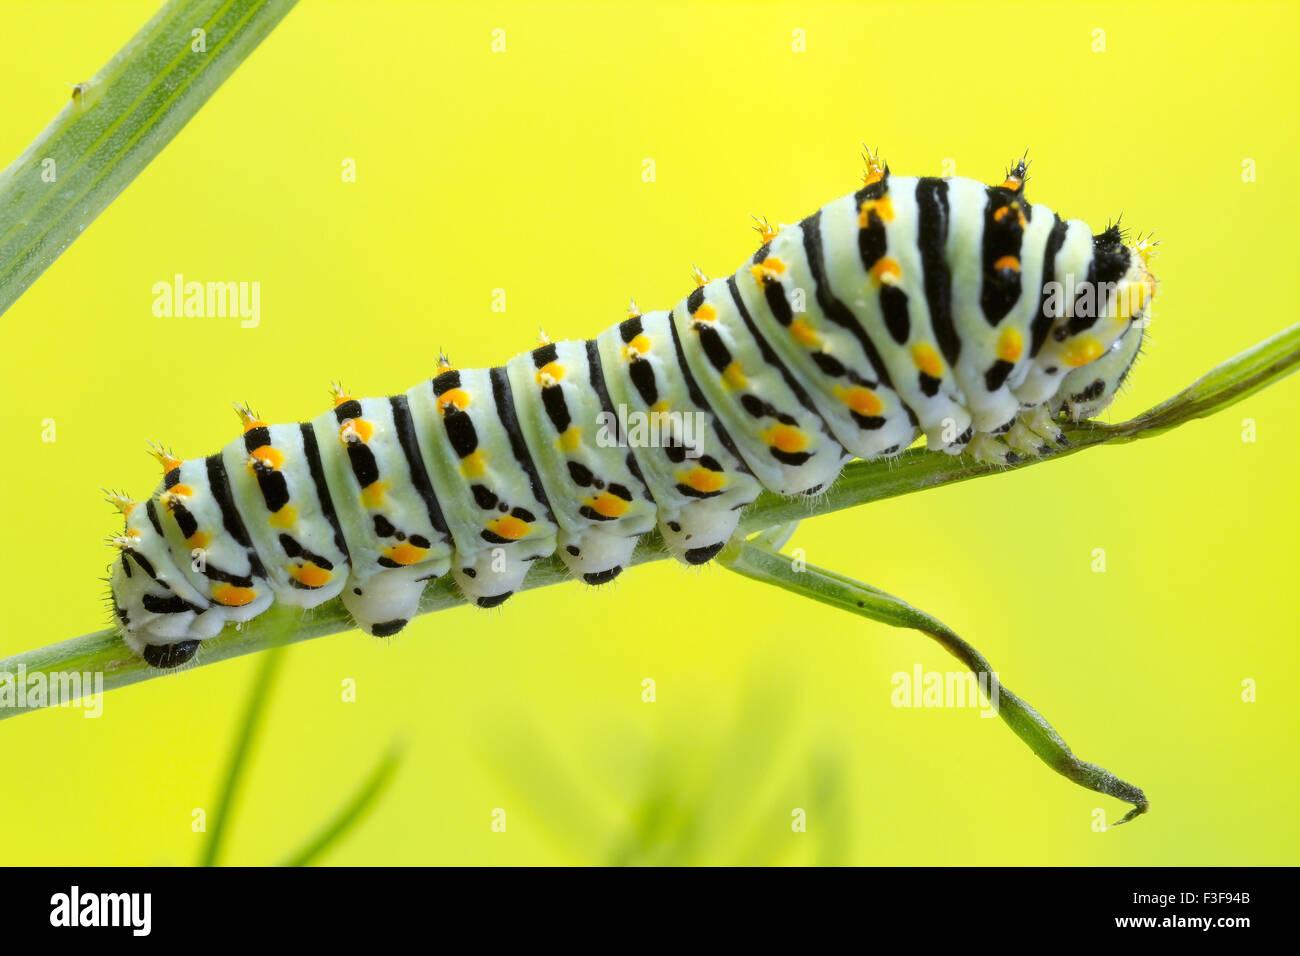 Schwalbenschwanz-Catrepillar, 6 Tage nach dem Schlupf und ca. 20mm in der Länge. Stockbild